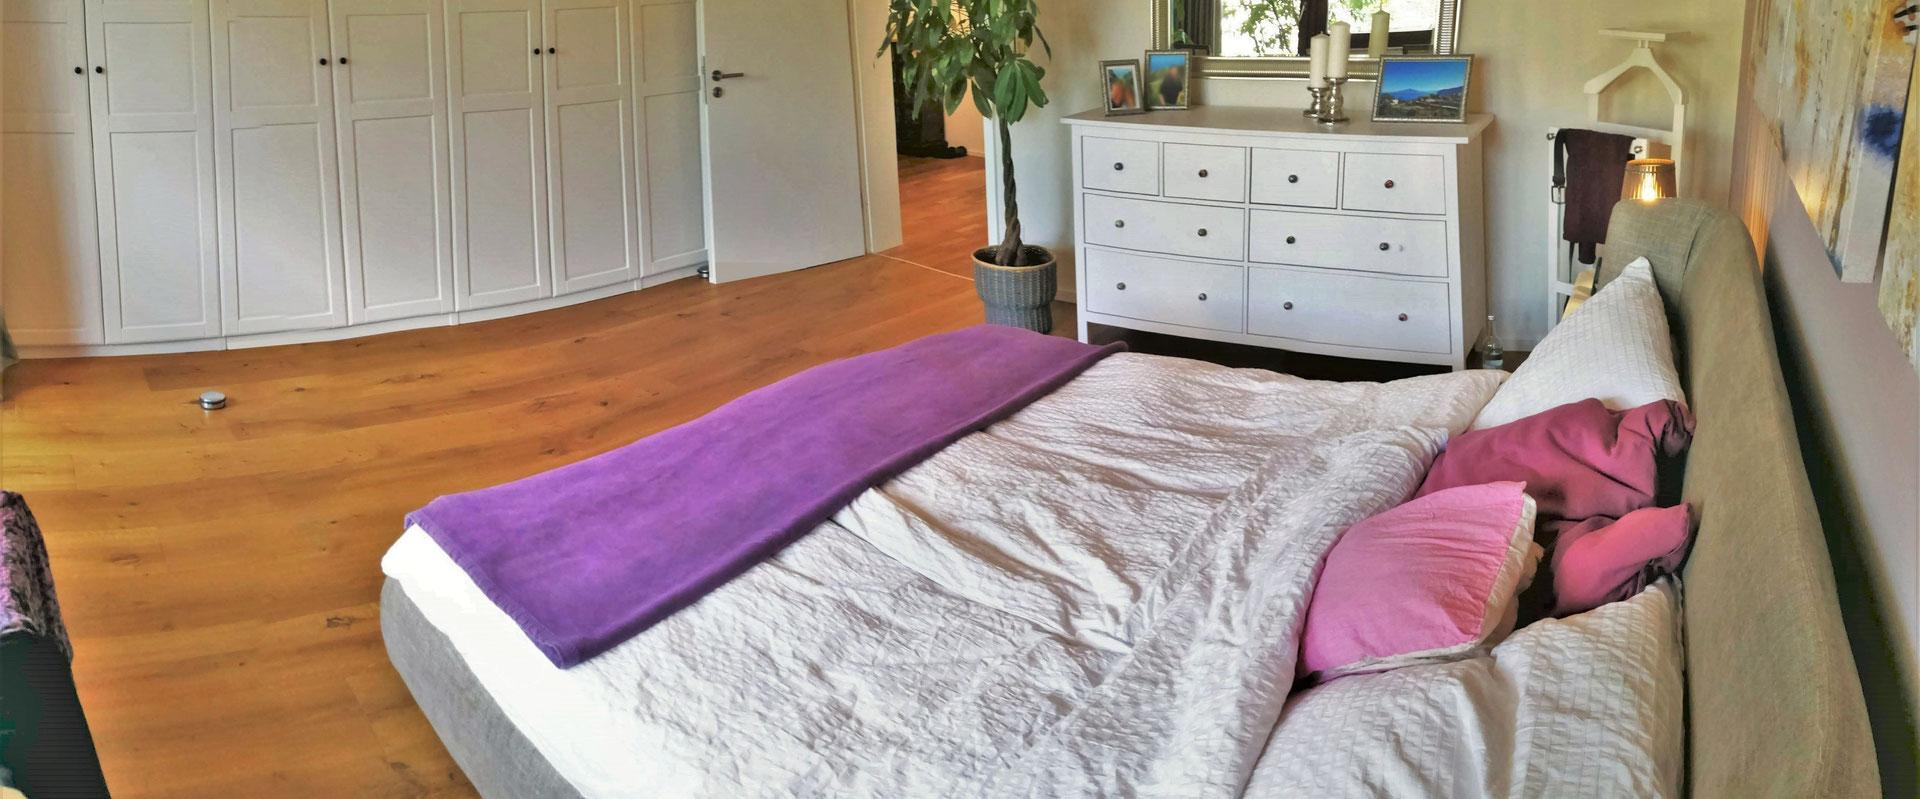 Innenarchitektur Schlafzimmer einrichten - Atelier Feynsinn ...